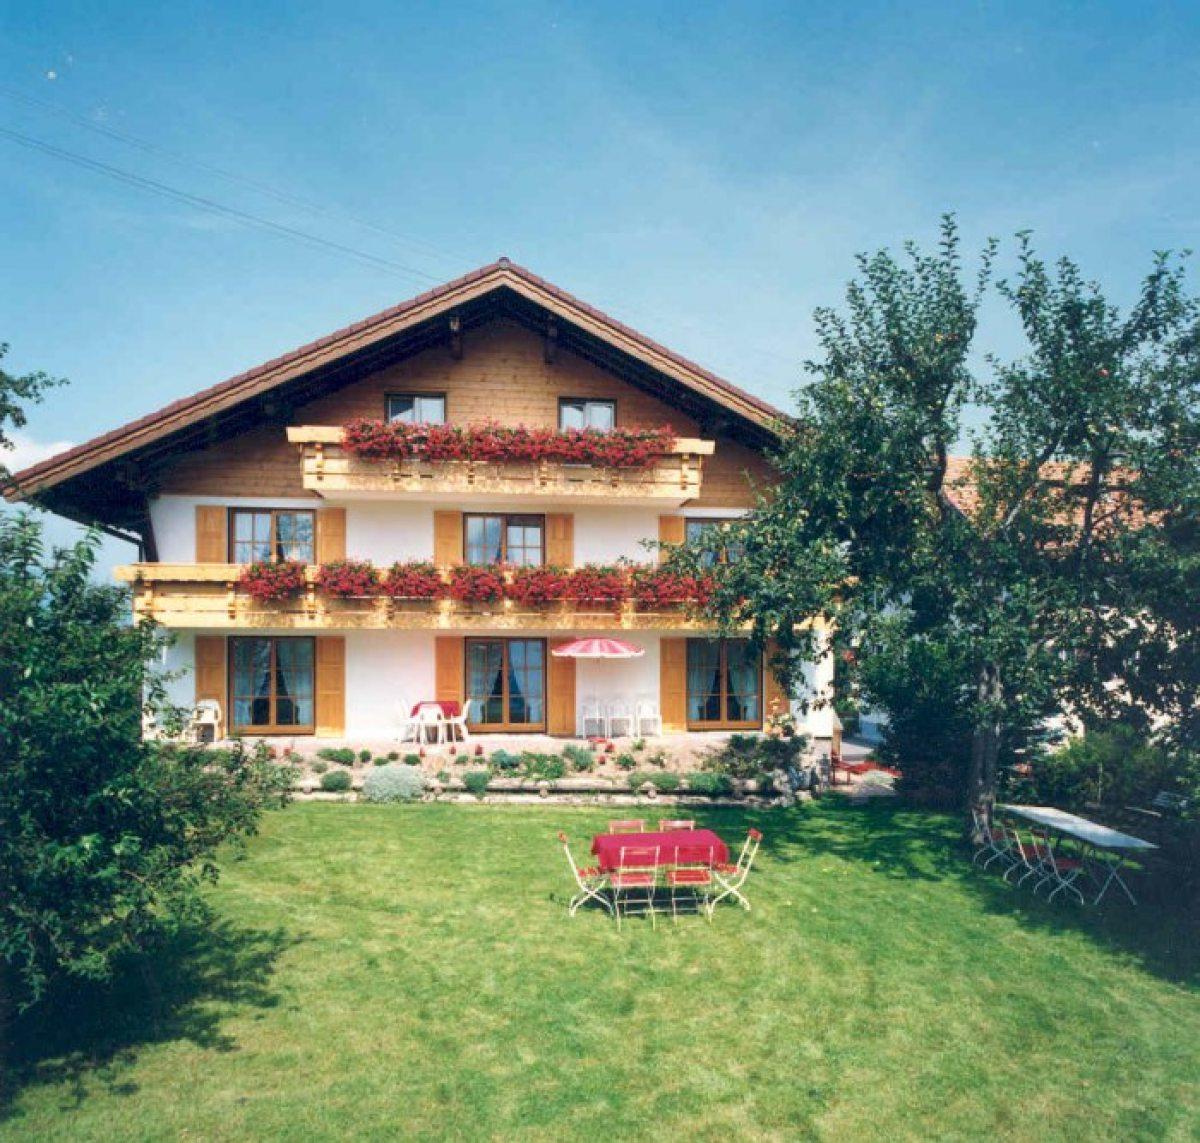 Unser Haus mit Garten u. sonniger Liegewiese